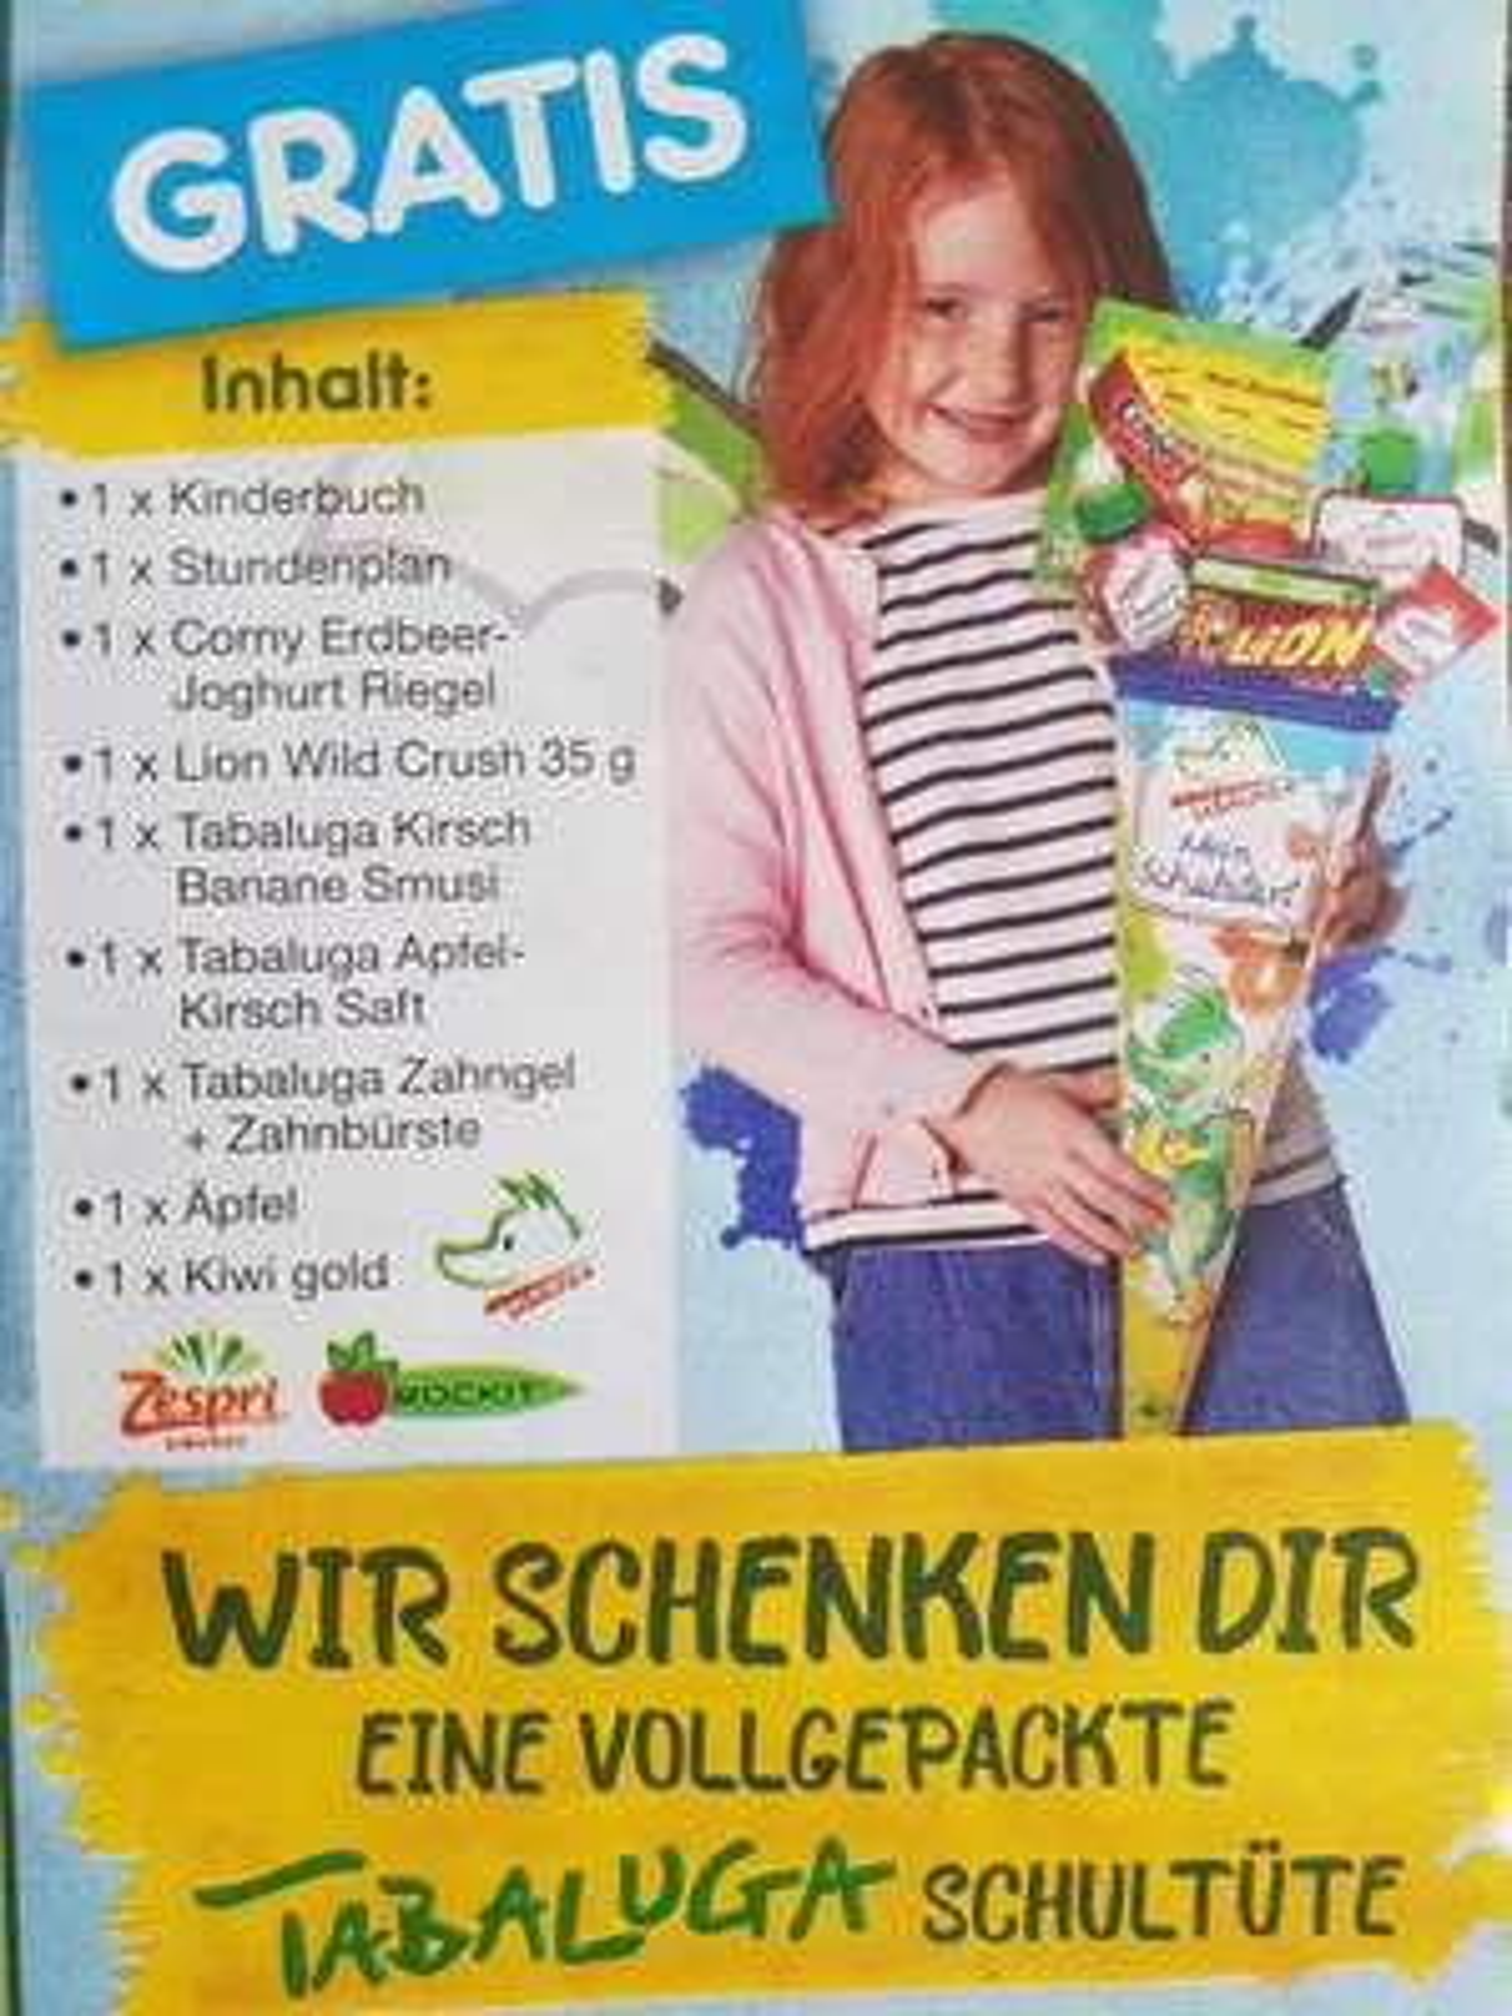 Gratis Schultüte, jetzt auch Baden-Württemberg [Netto]